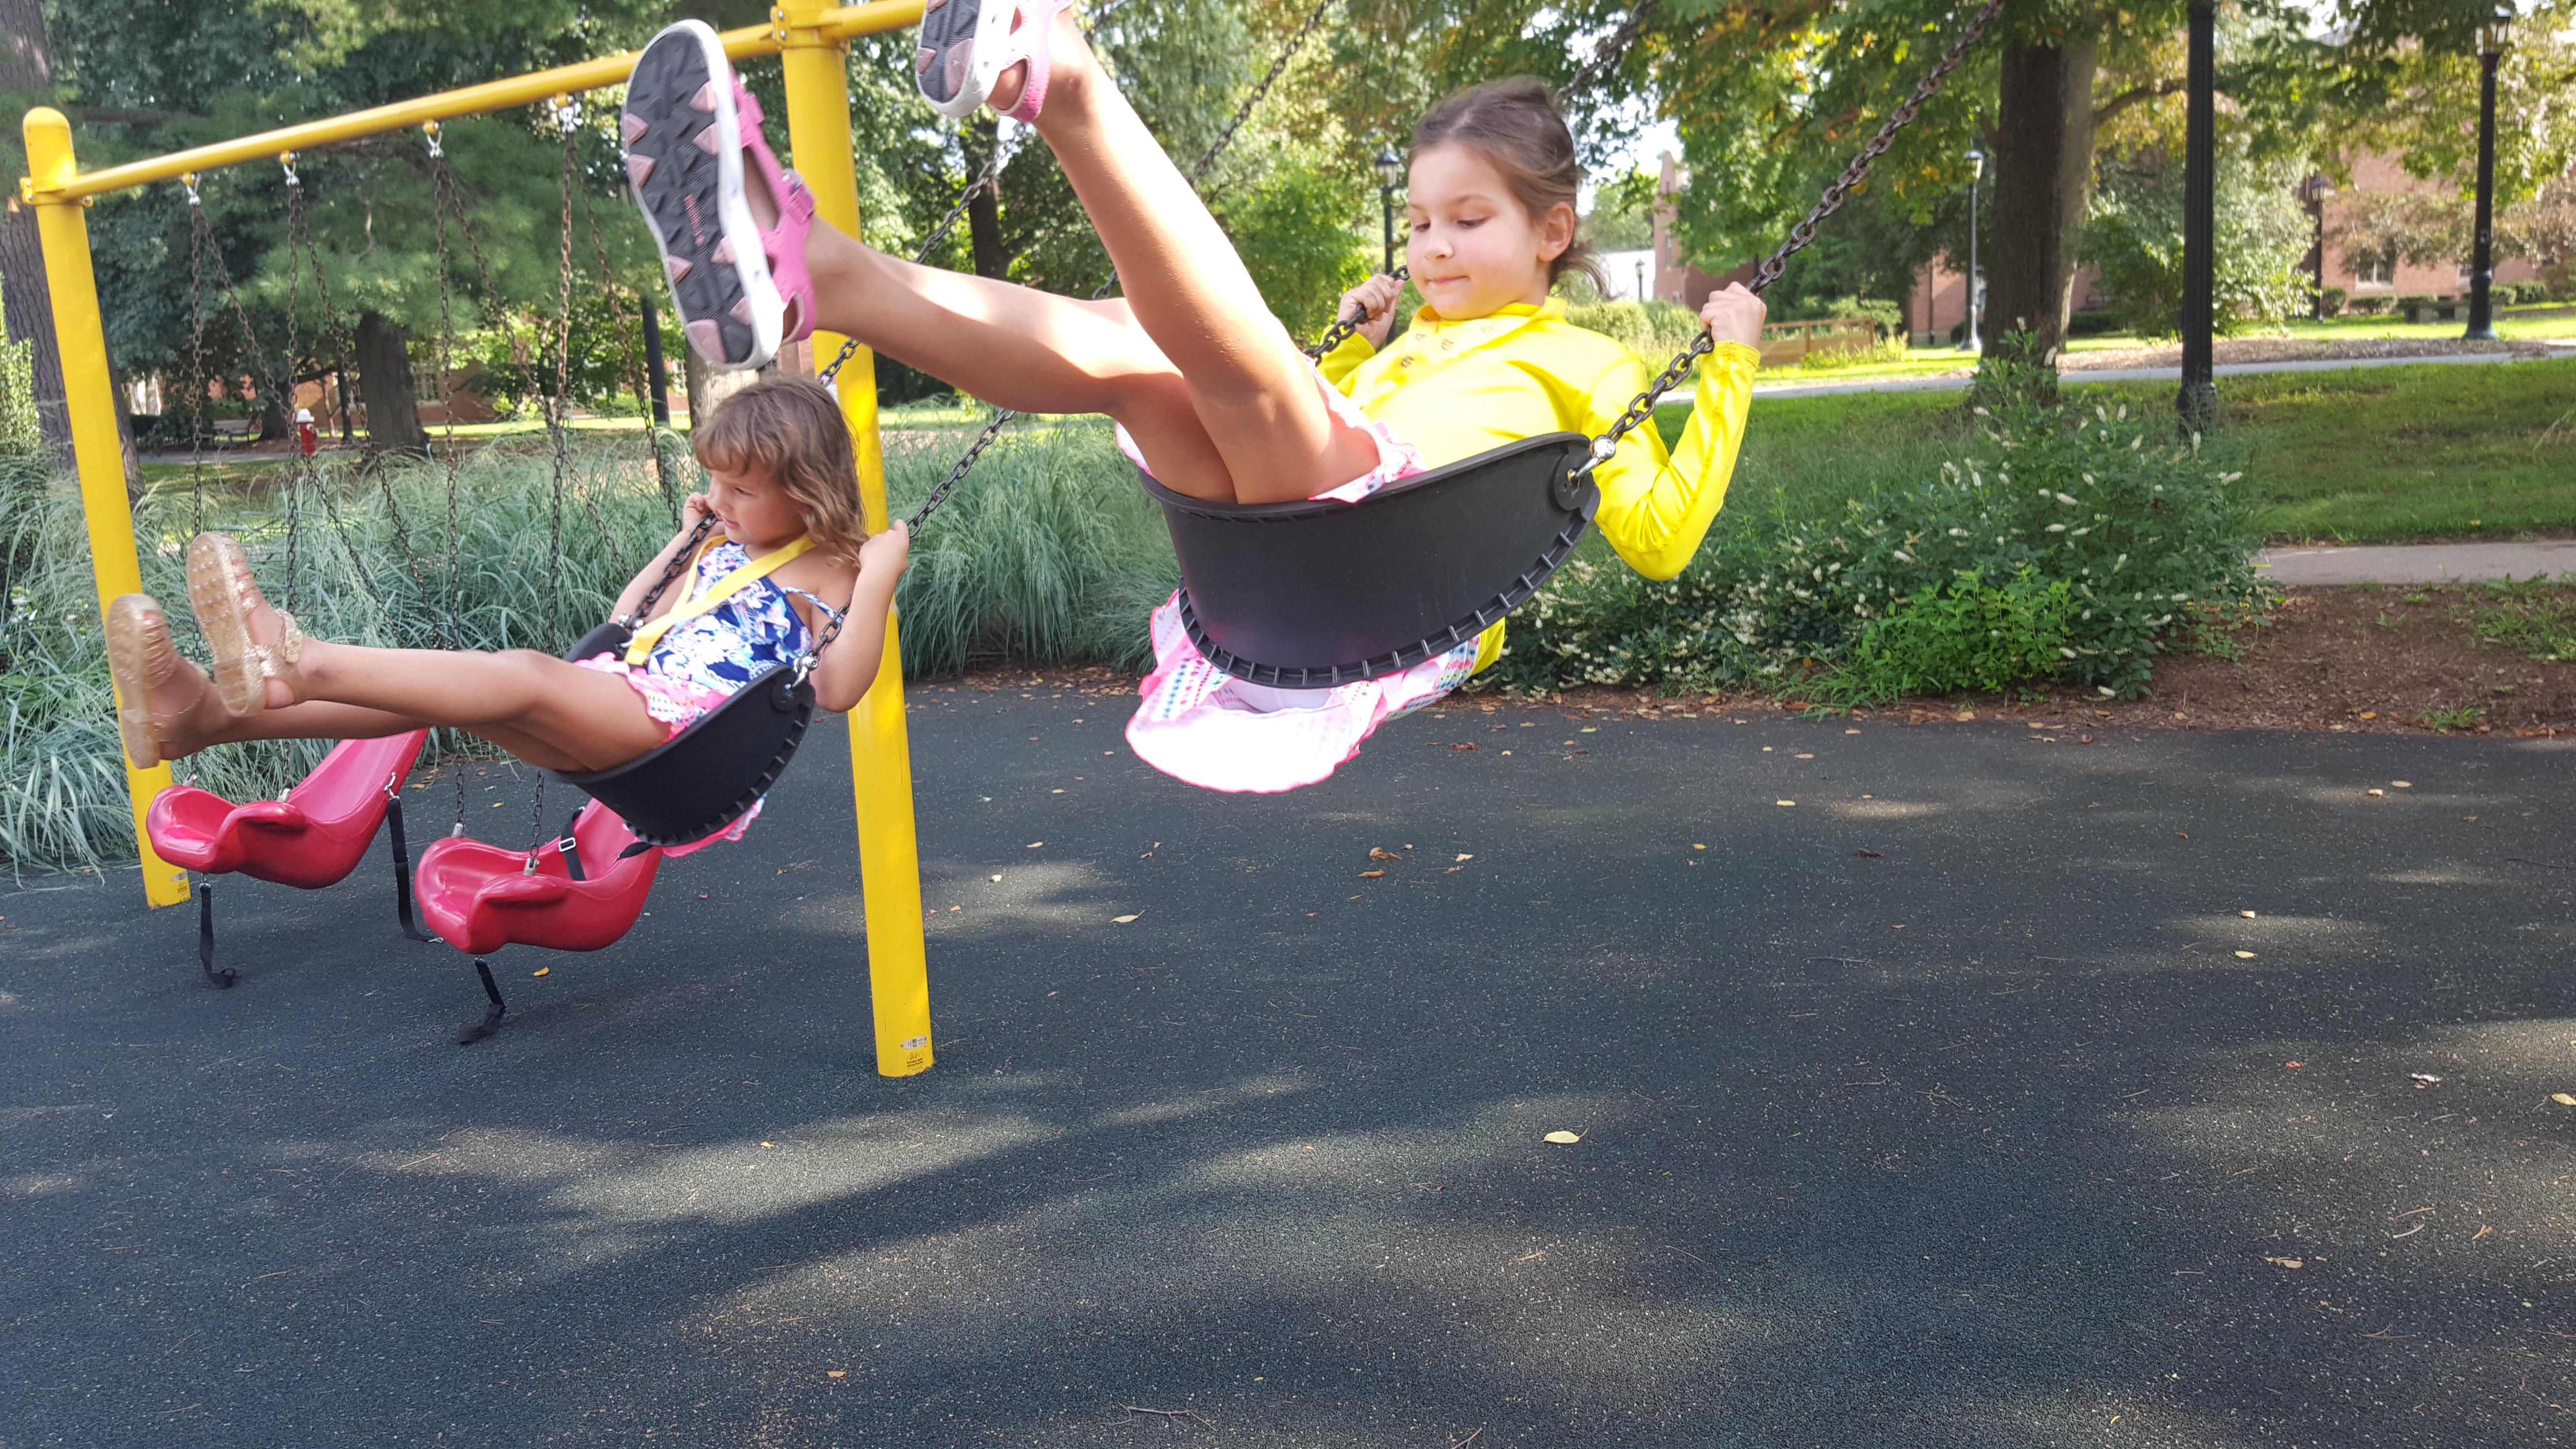 Children swinging on Perkins playground